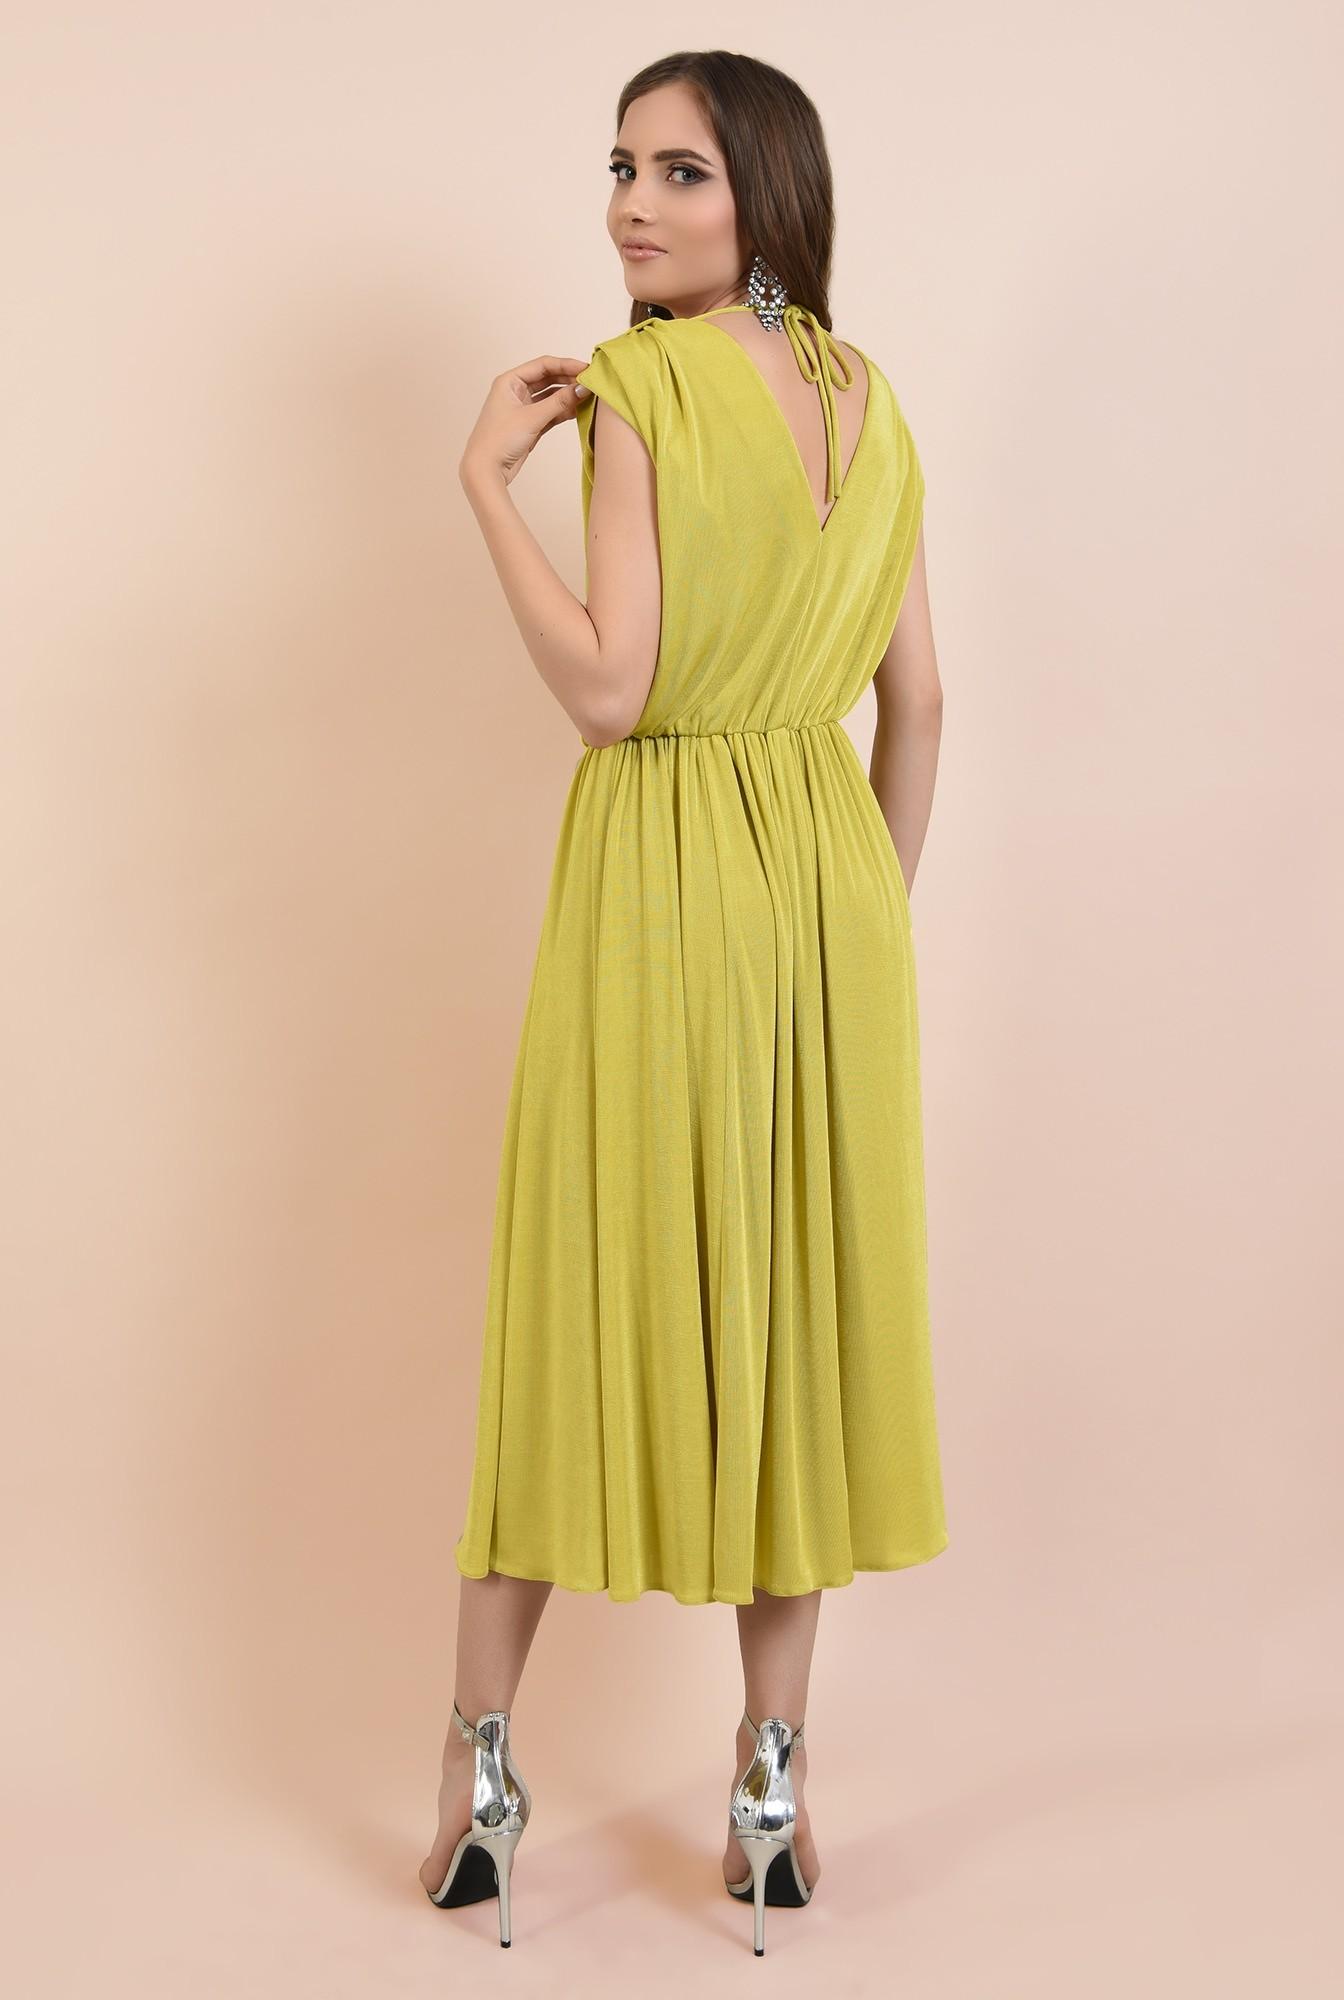 1 - rochie de ocazie, clos, fara maneci, lycra, verde lime, Poema